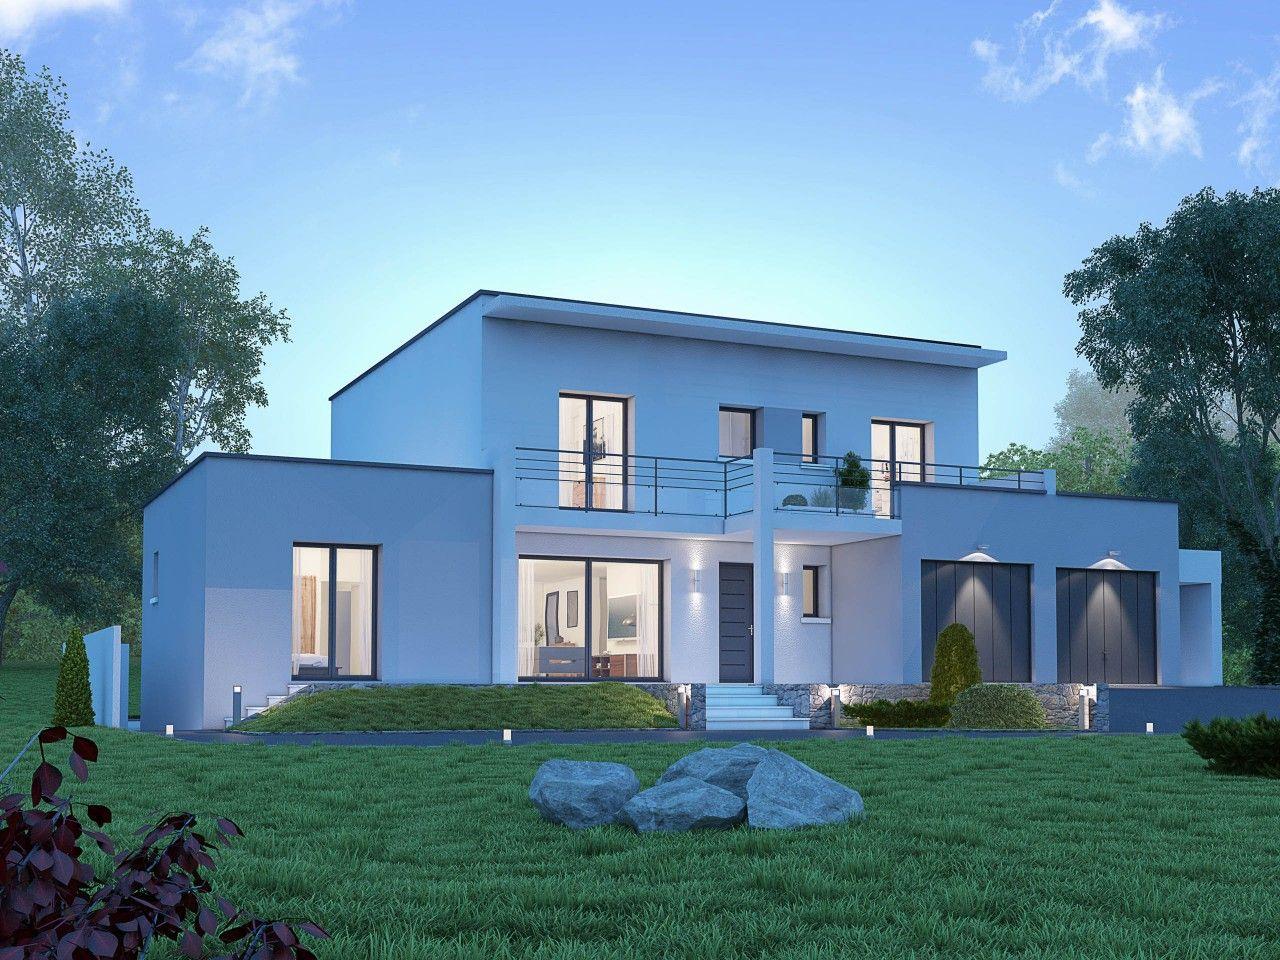 Maison En Ligne   Terre U0026 Demeure   Constructeur De Maisons Individuelles  En Ile De